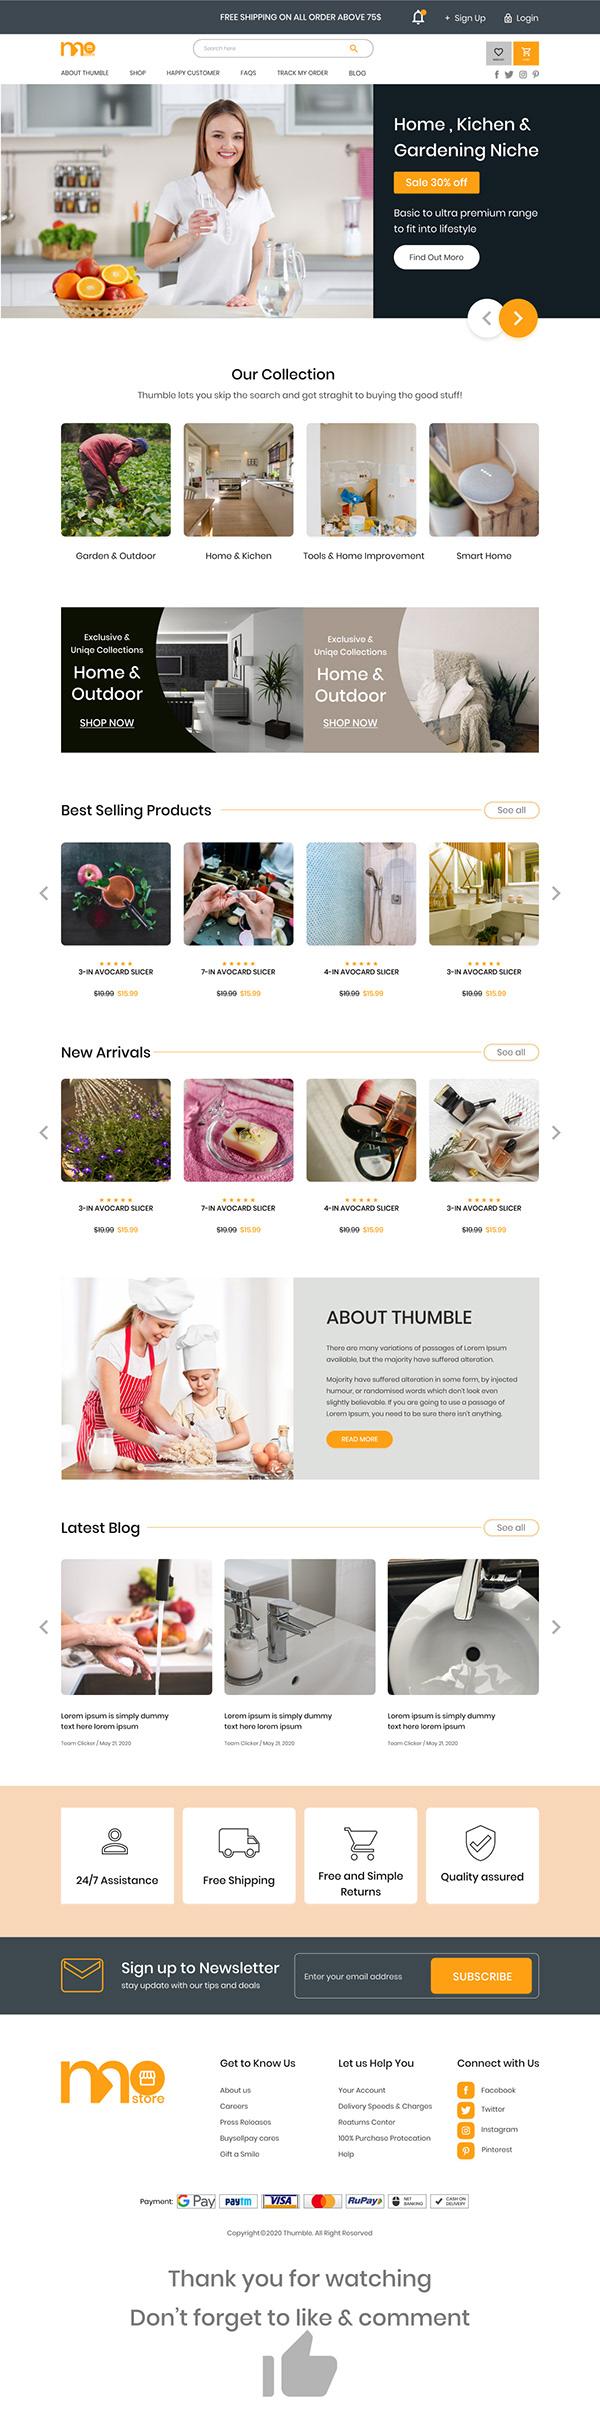 Home & Kitchen Garden website